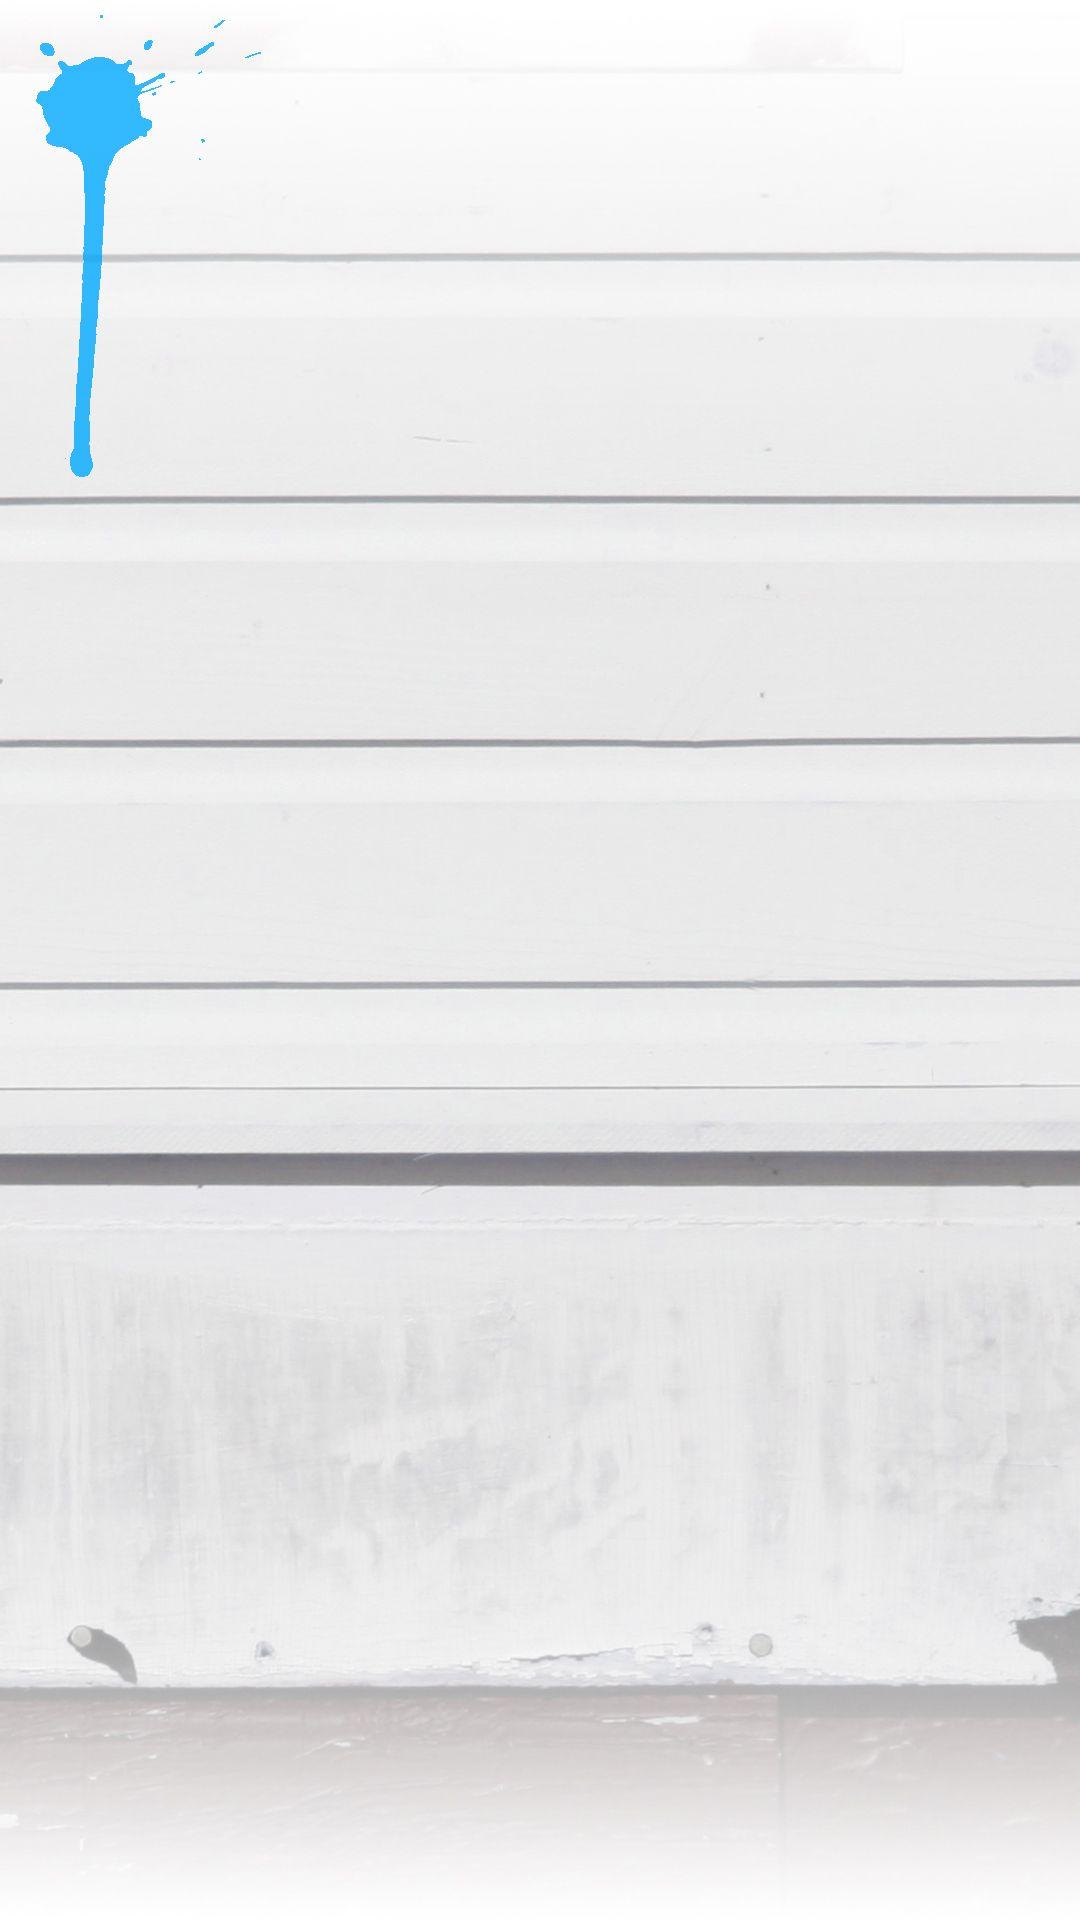 Iphone 7 Plus 壁紙 Iphone7plus 壁紙 壁紙 白い壁紙